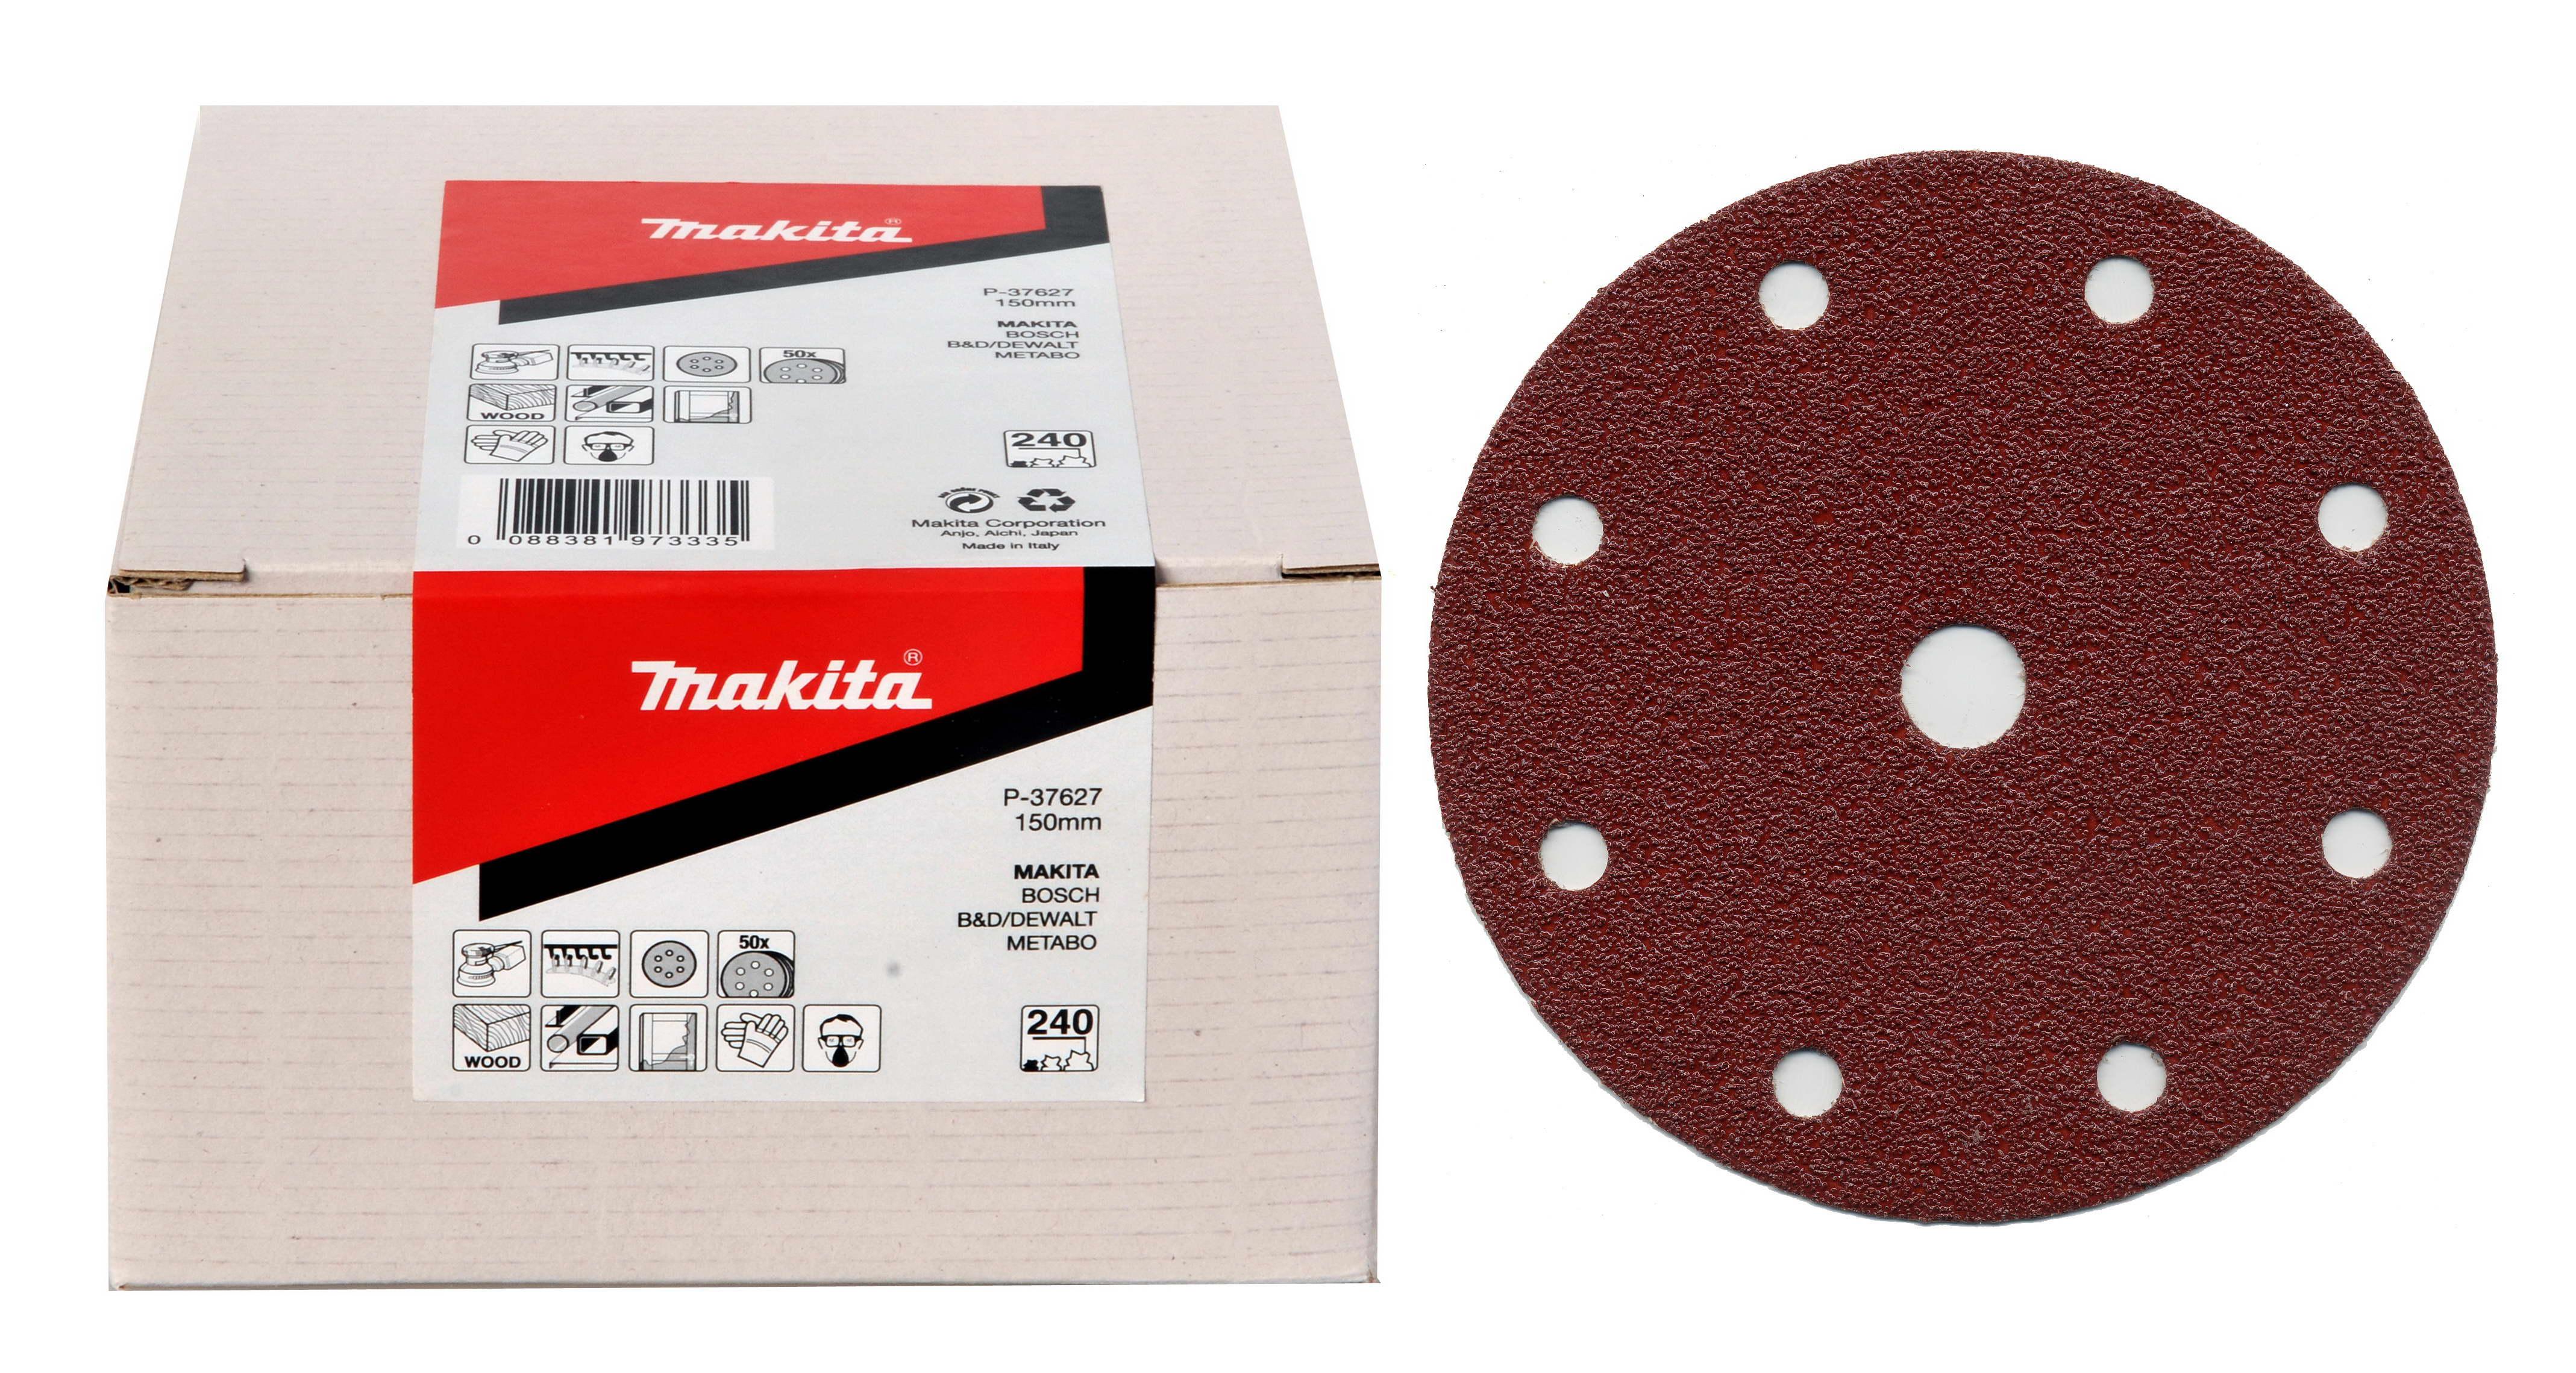 Makita P-37611 brus.pap150mm6otK180 50ksBO6030,40